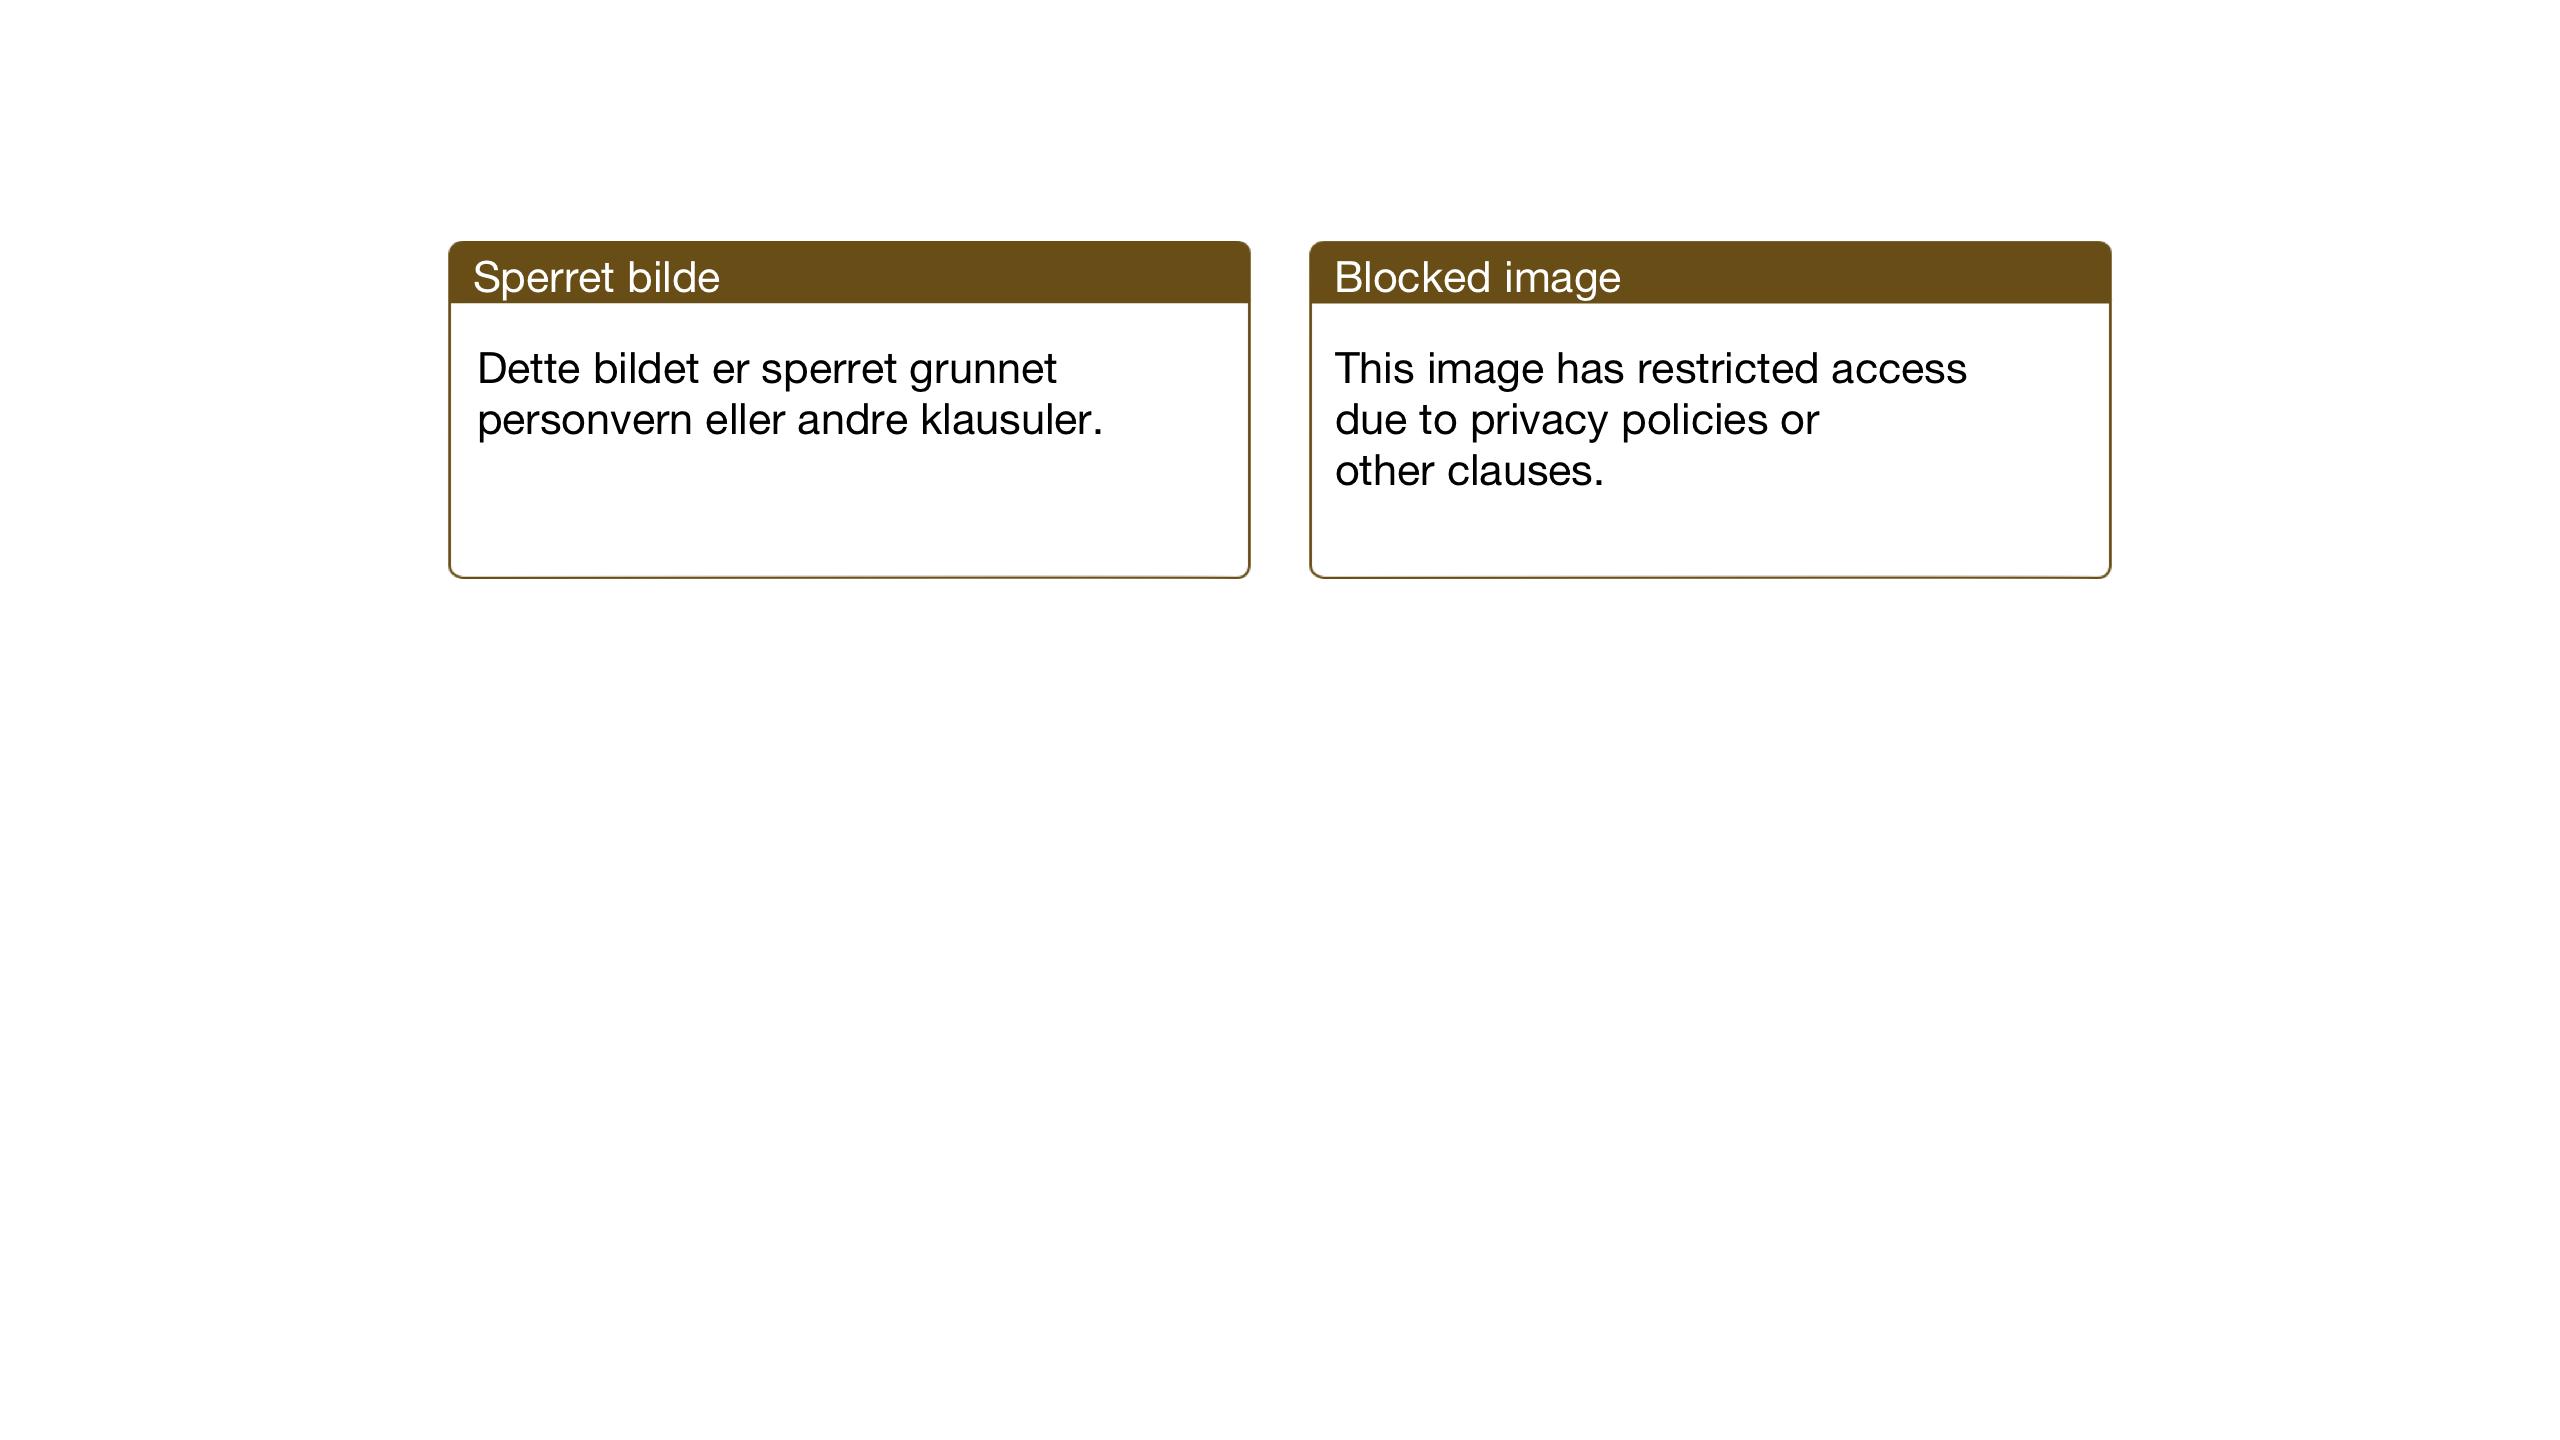 SAT, Ministerialprotokoller, klokkerbøker og fødselsregistre - Sør-Trøndelag, 606/L0315: Klokkerbok nr. 606C11, 1938-1947, s. 99